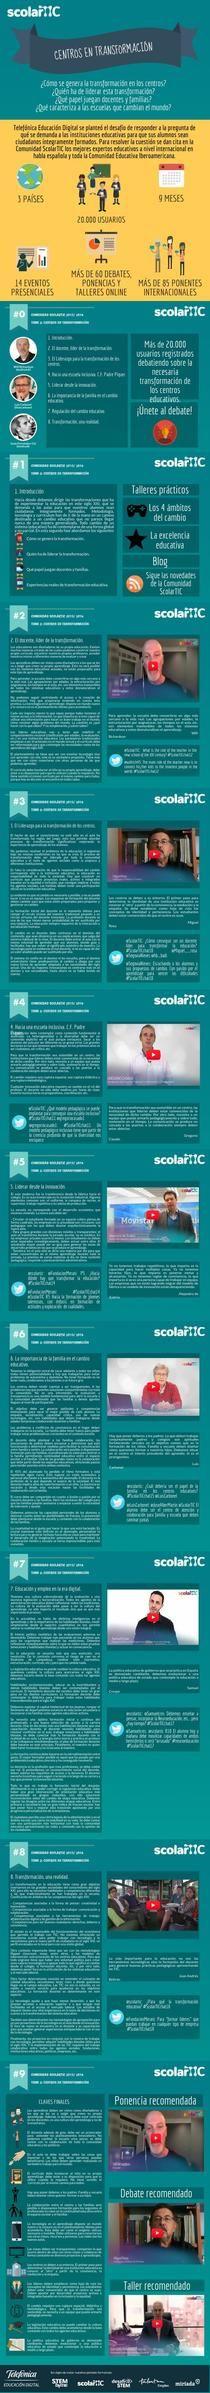 Scolartic Tema 2: Centros en Transformación EXT | Piktochart Infographic Editor